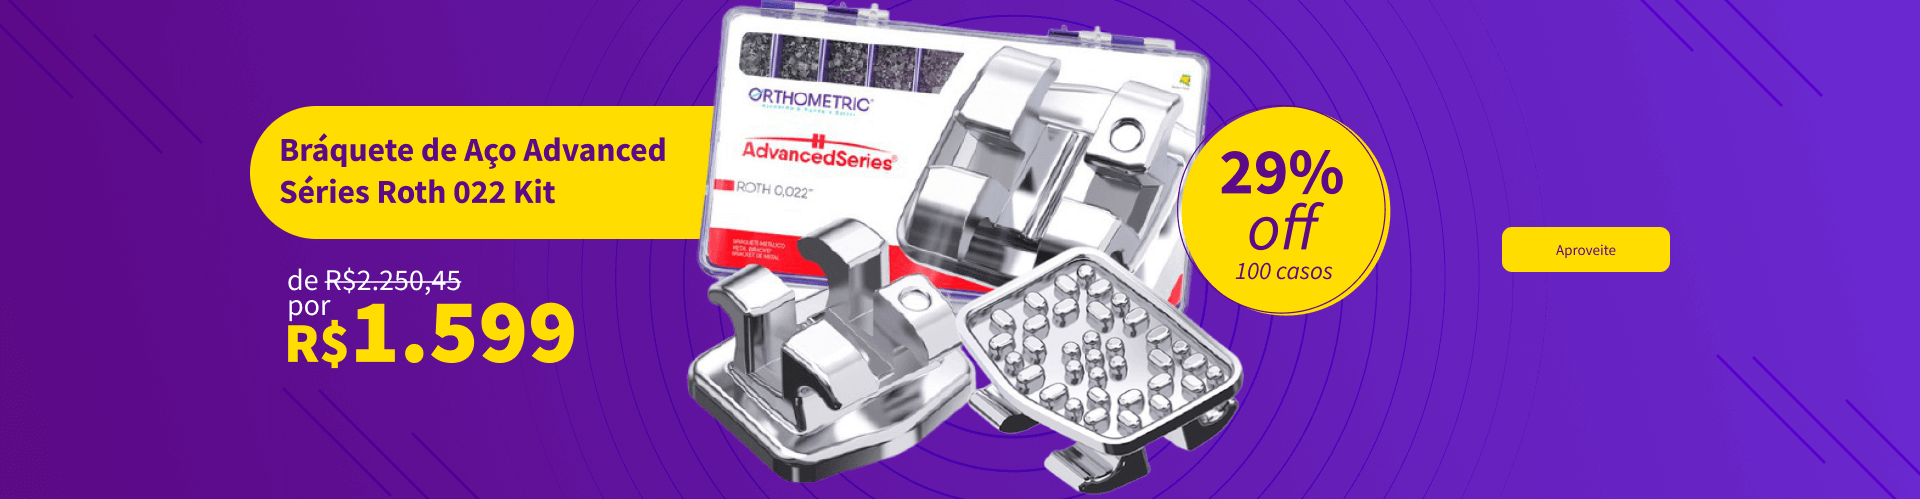 Confira Bráquete de Aço Advanced Séries Roth 022 Kit Orthometric com 29% OFF   Dental Cremer